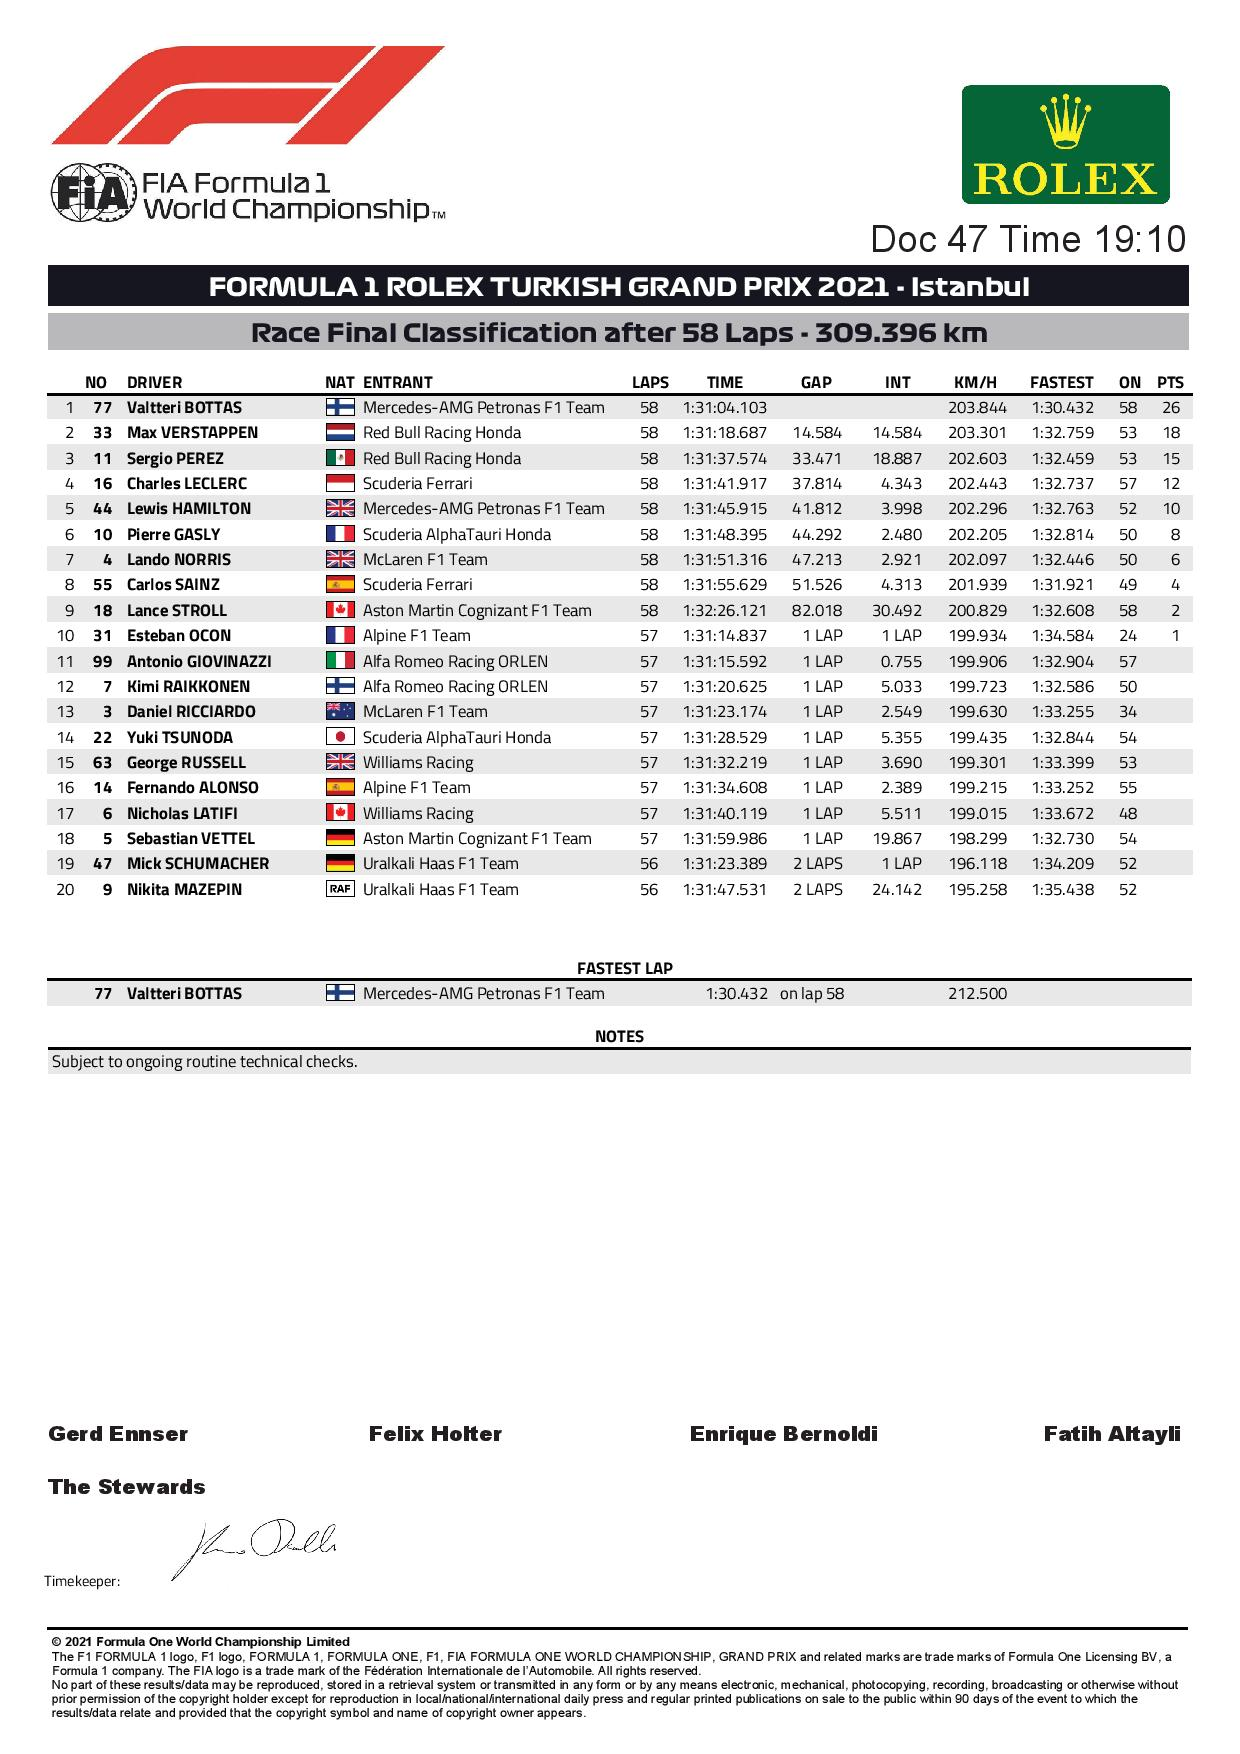 F1 - Les résultats définitifs du Grand Prix F1 de Turquie 2021